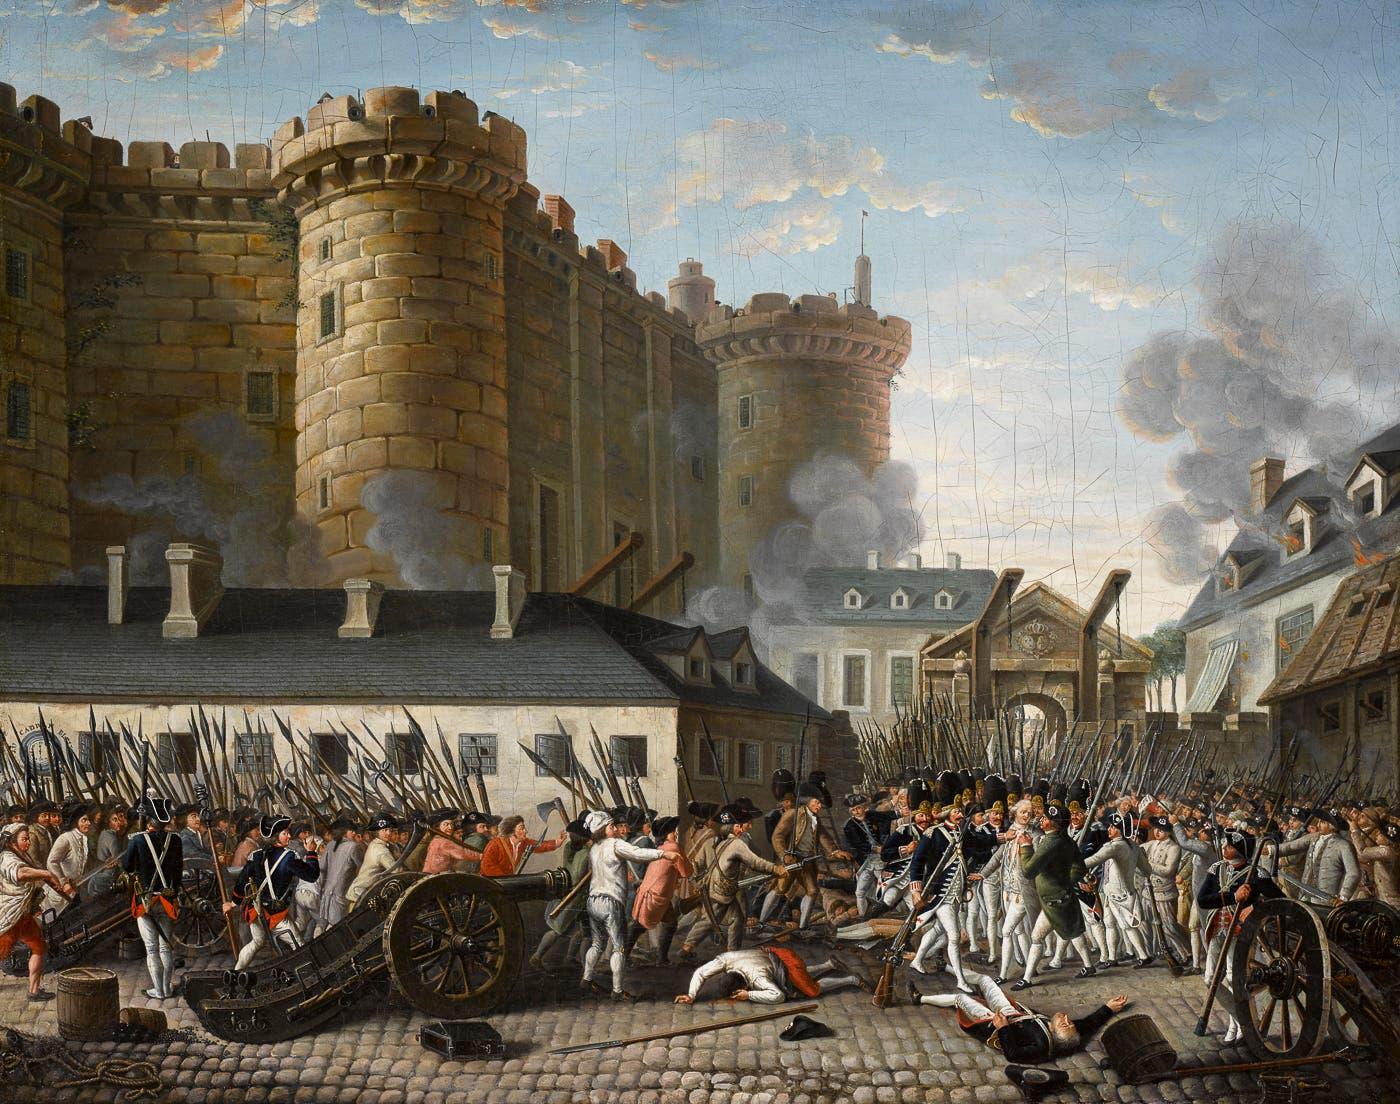 لوحة تجسد حادثة هجوم أهالي باريس على سجن الباستيل